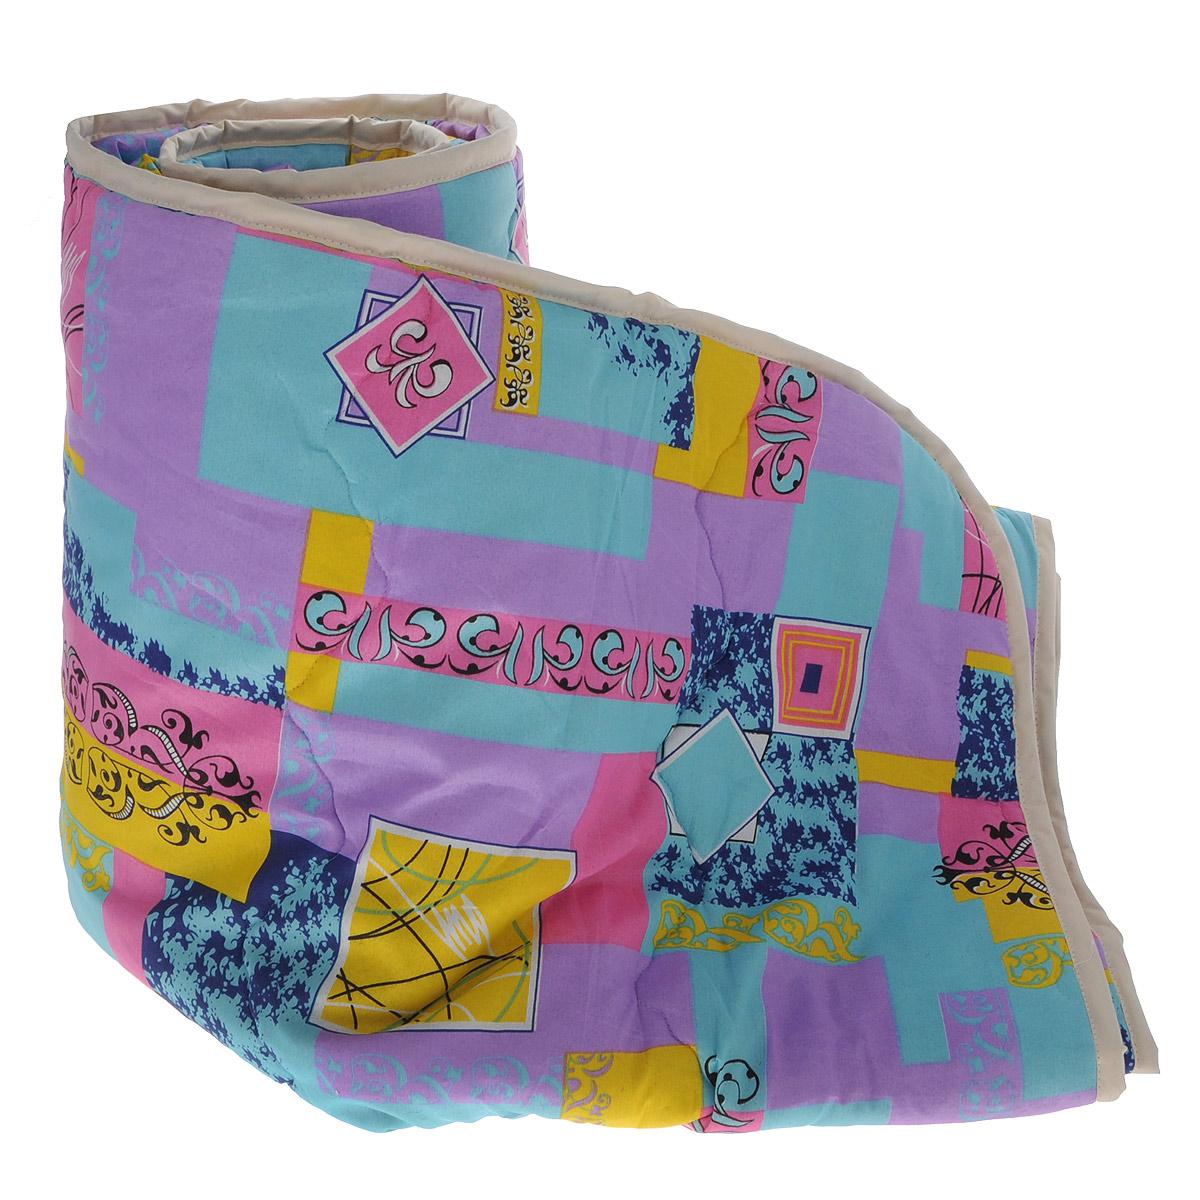 Одеяло всесезонное OL-Tex Miotex, наполнитель: полиэфирное волокно Holfiteks, цвет: желтый, бирюзовый, сиреневый, 200 х 220 смМХПЭ-22-3_желтый, бирюзовый, сиреневыйВсесезонное одеяло OL-Tex Miotex создаст комфорт и уют во время сна. Чехол выполнен из полиэстера и оформлен красочным рисунком. Внутри - современный наполнитель из полиэфирного высокосиликонизированного волокна Holfiteks, упругий и качественный. Прекрасно держит тепло. Одеяло с наполнителем Holfiteks легкое и комфортное. Даже после многократных стирок не теряет свою форму, наполнитель не сбивается, так как одеяло простегано и окантовано. Не вызывает аллергии. Holfiteks - это возможность легко ухаживать за своими постельными принадлежностями. Можно стирать в машинке, изделия быстро и полностью высыхают - это обеспечивает гигиену спального места при невысокой цене на продукцию.Плотность: 300 г/м2.